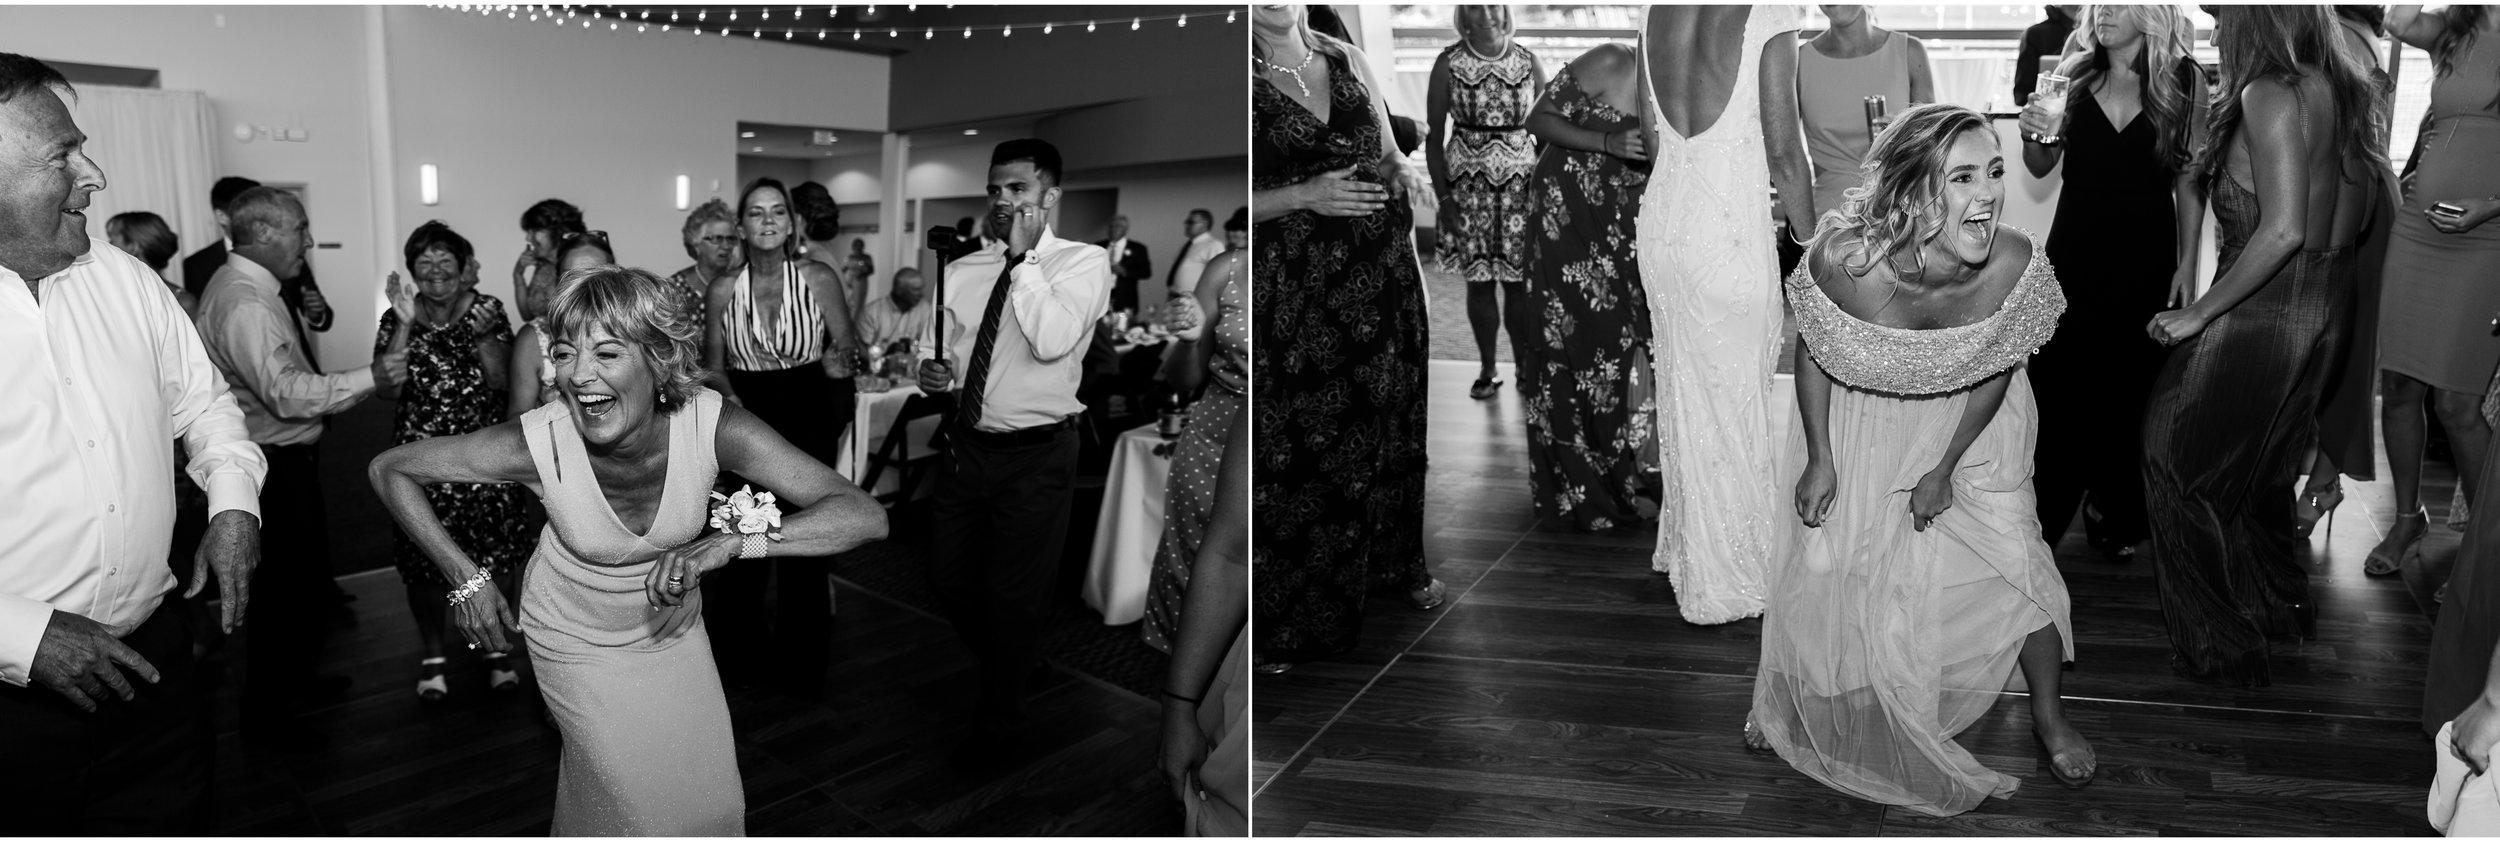 5Portland, Maine Wedding at Ocean Gateway 52.jpg